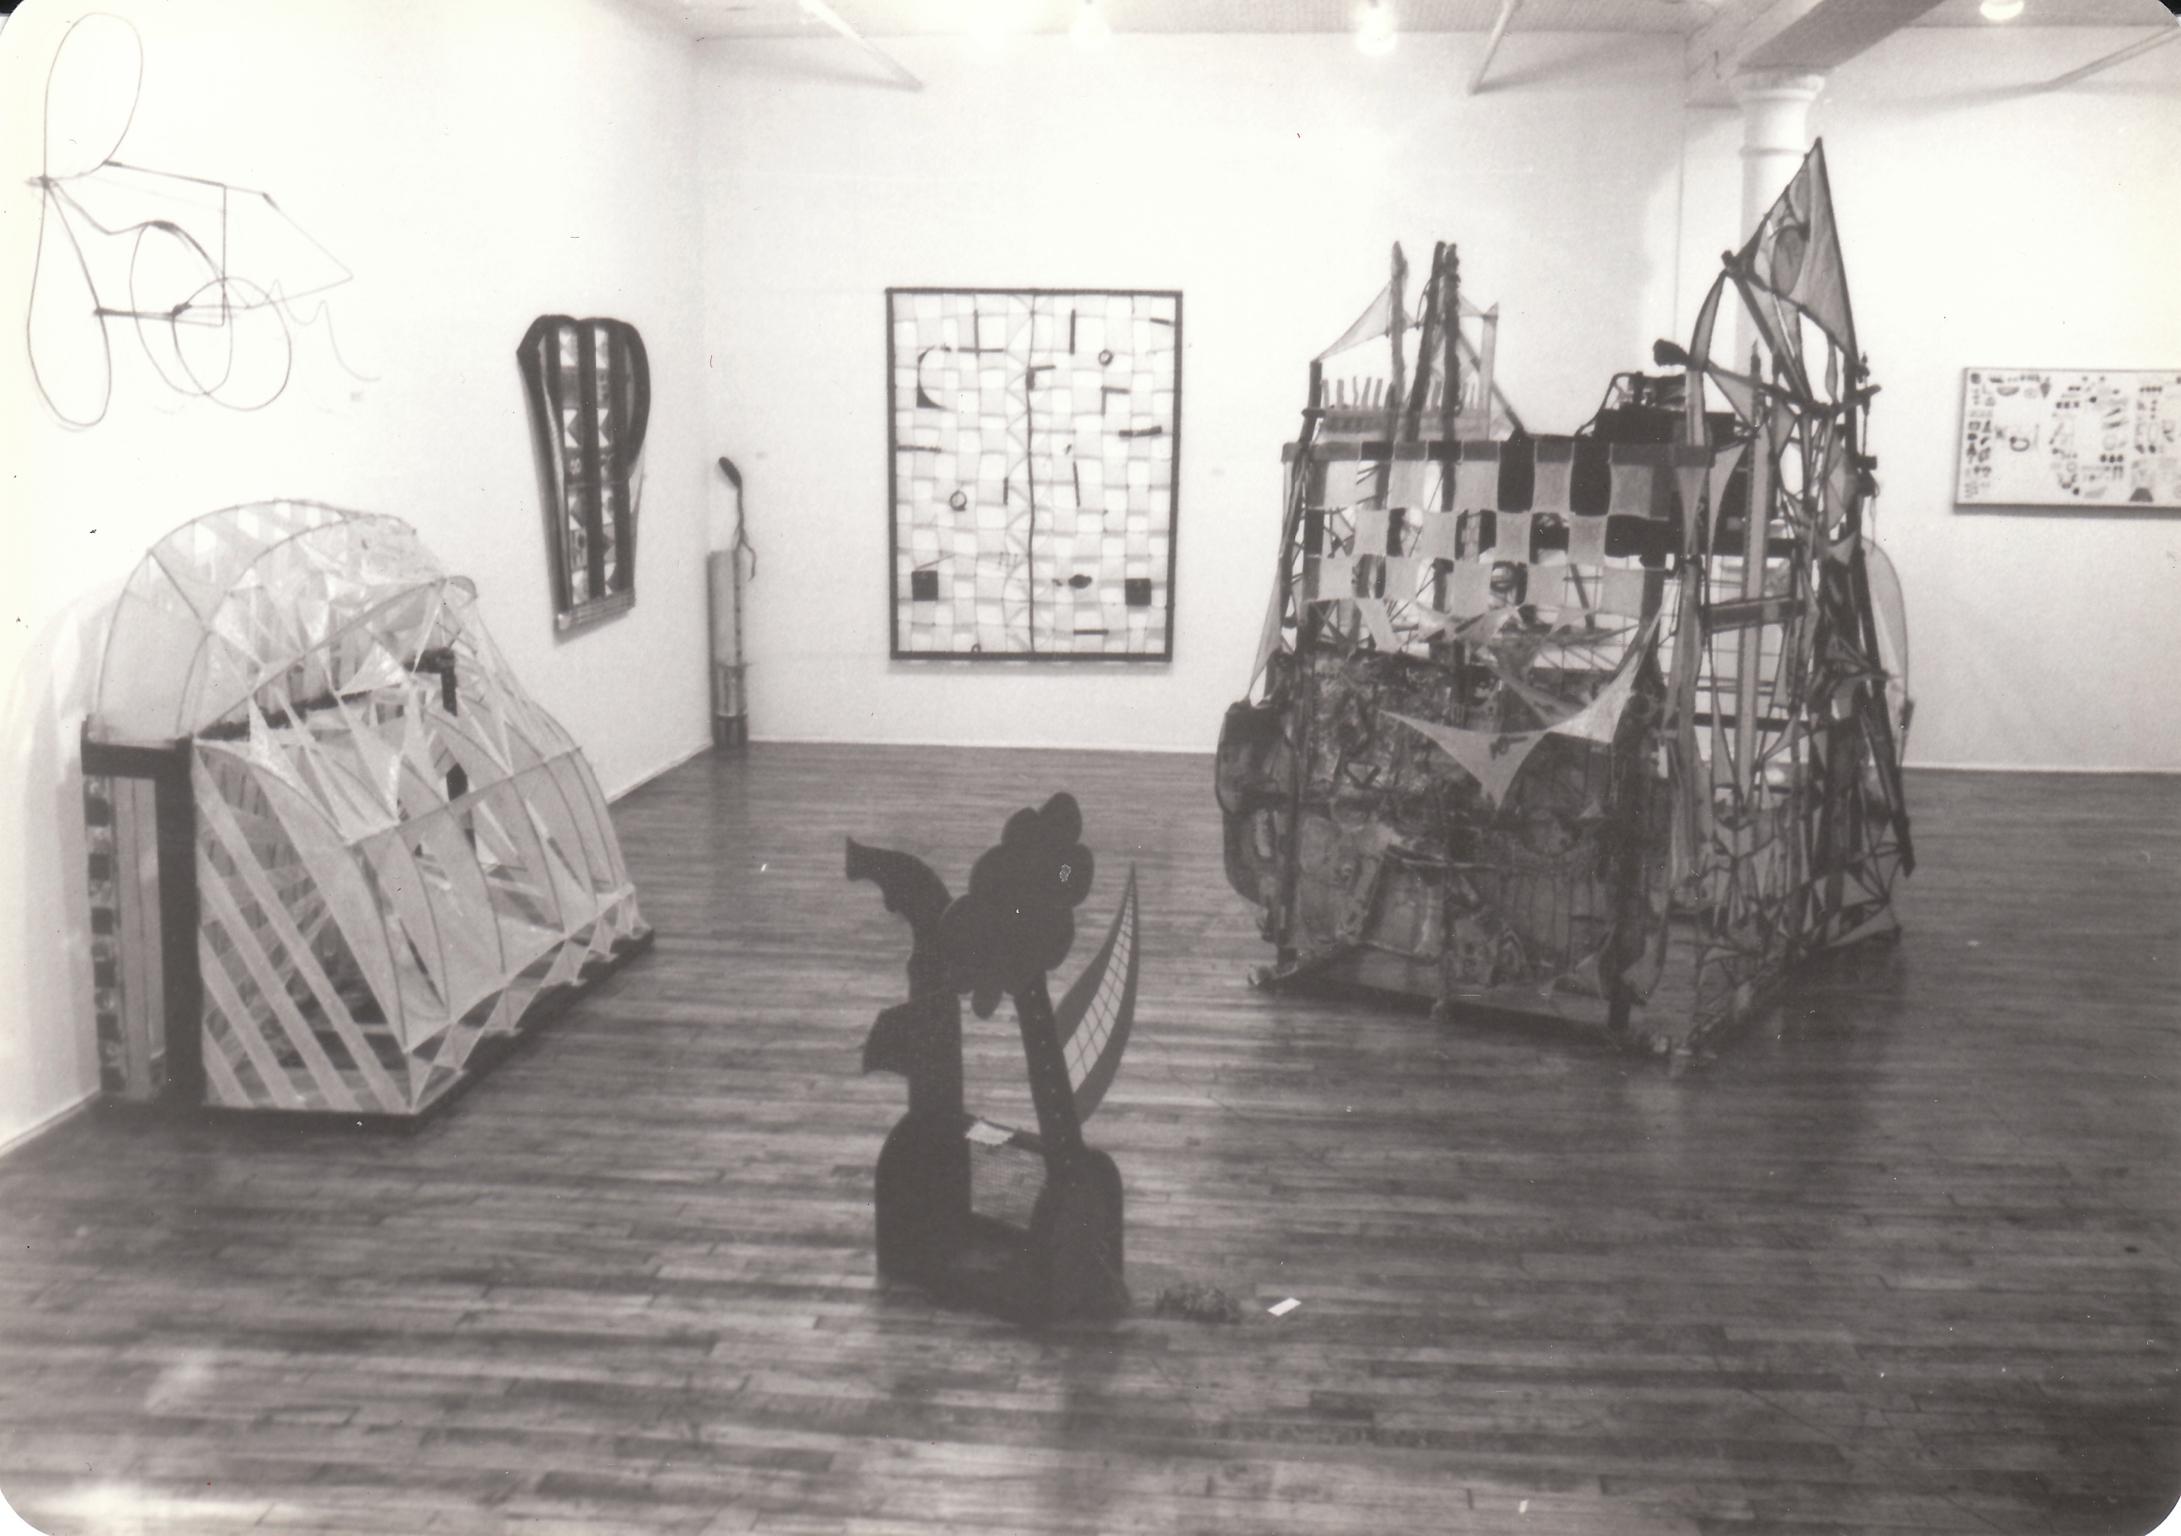 1980 Phyllis Kind Gallery NYC _0015.jpg